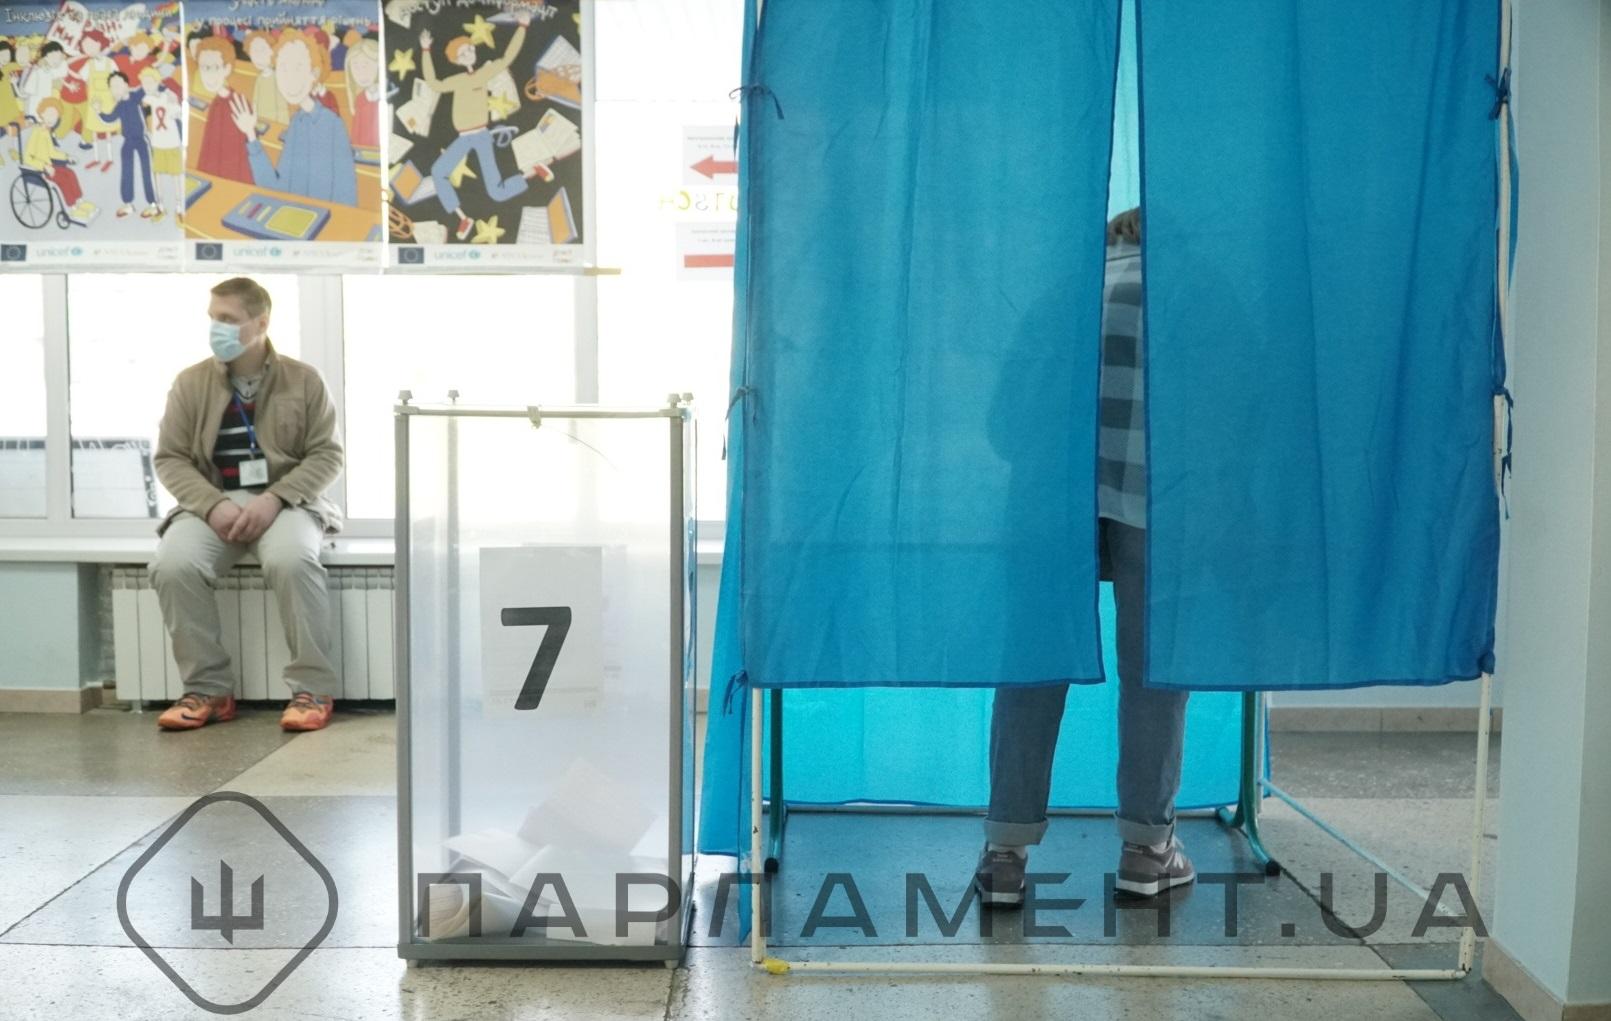 Вибори 2020 року, скринька для бюлетенів та виборець у кабінці для голосування